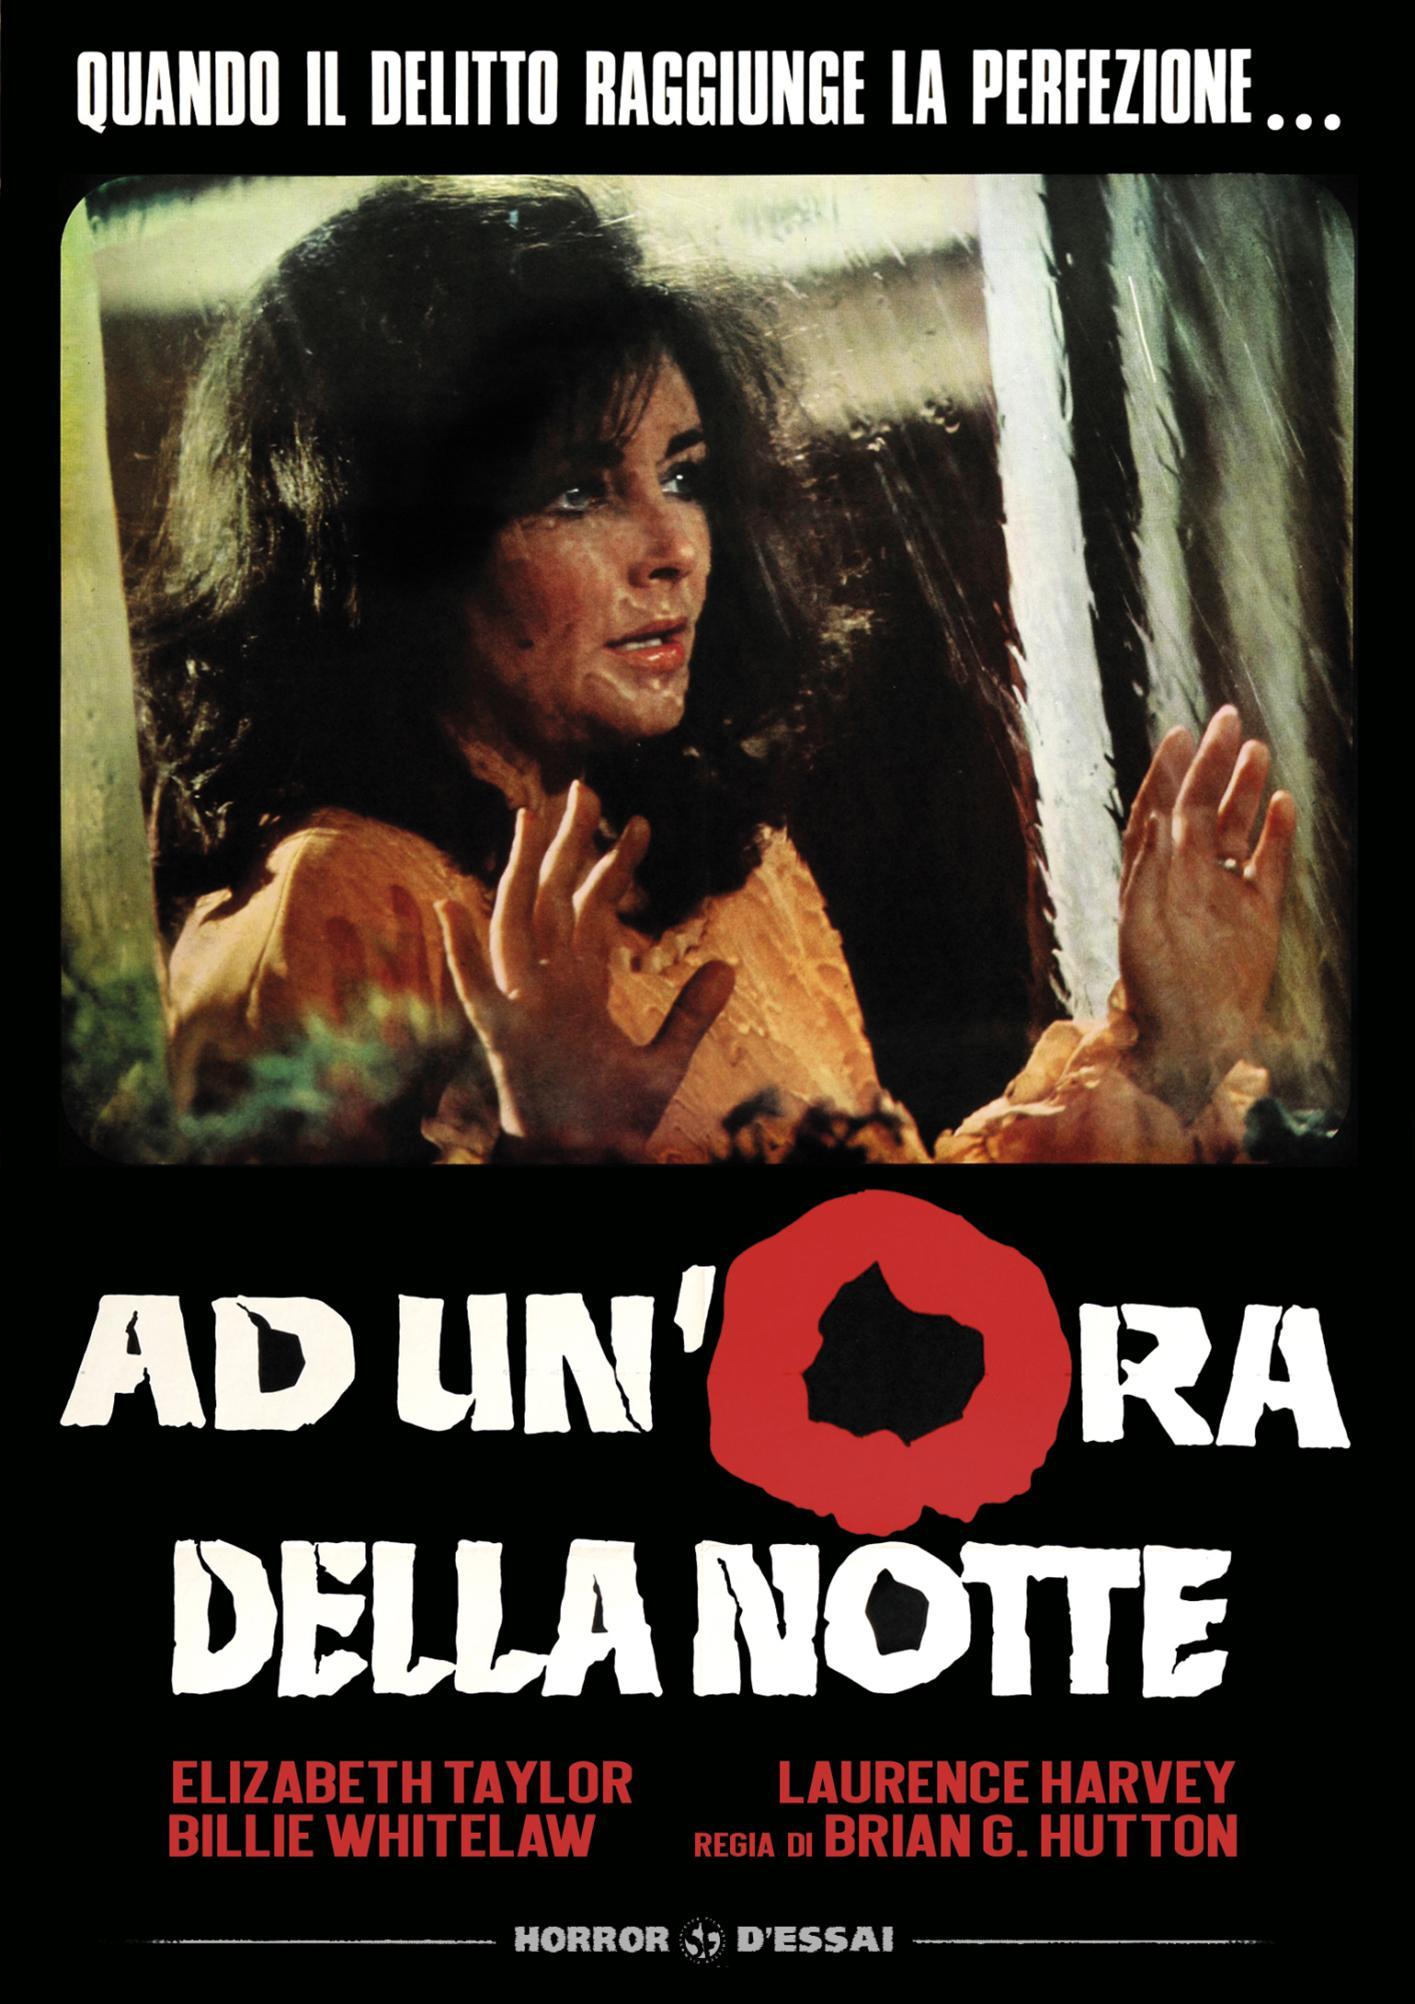 AD UN'ORA DELLA NOTTE (DVD)